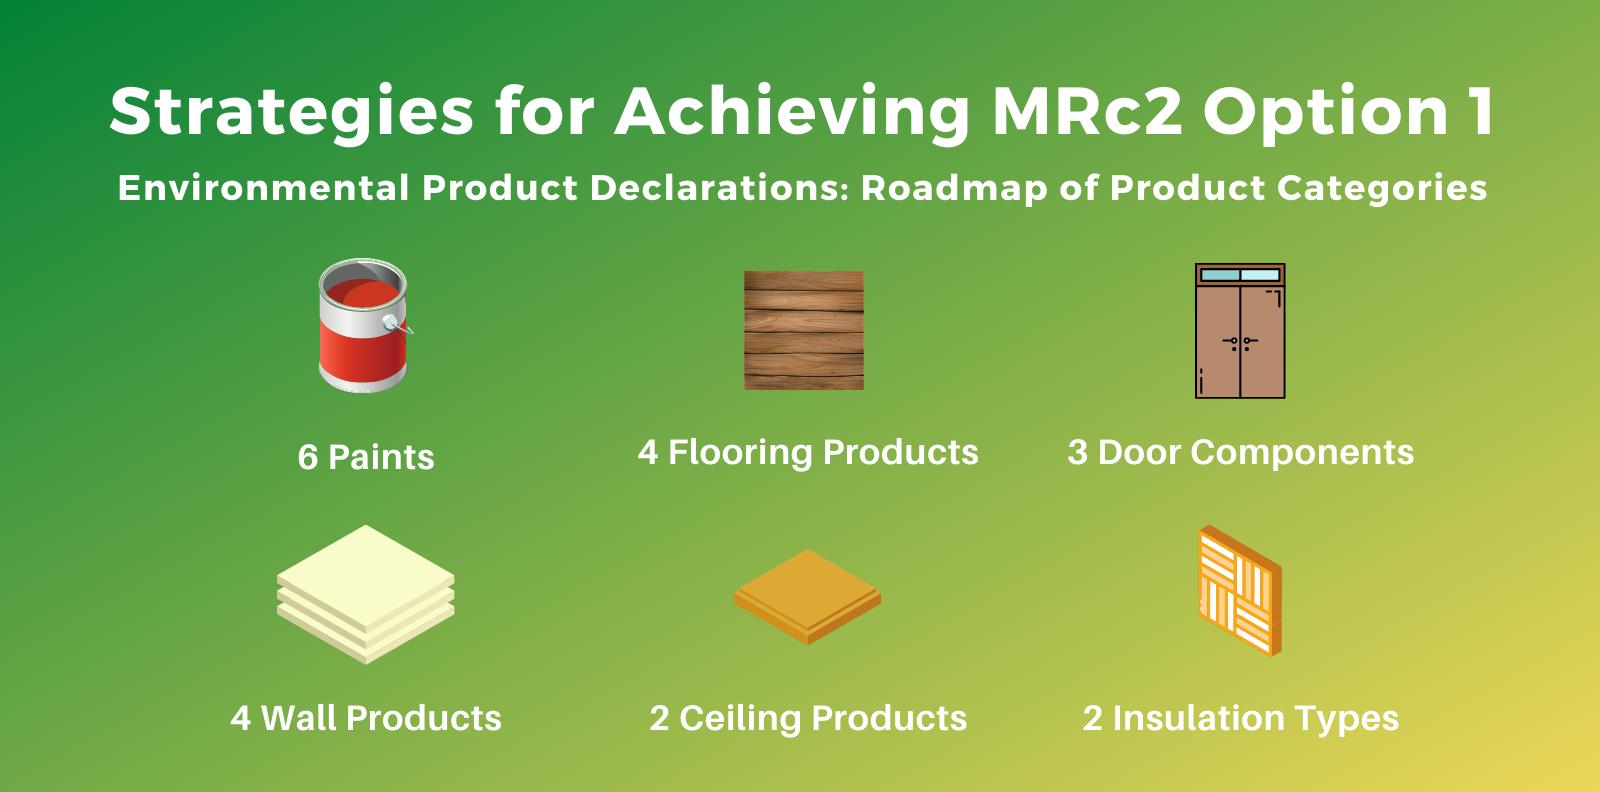 MRc2 LEED v4 Product Roadmap